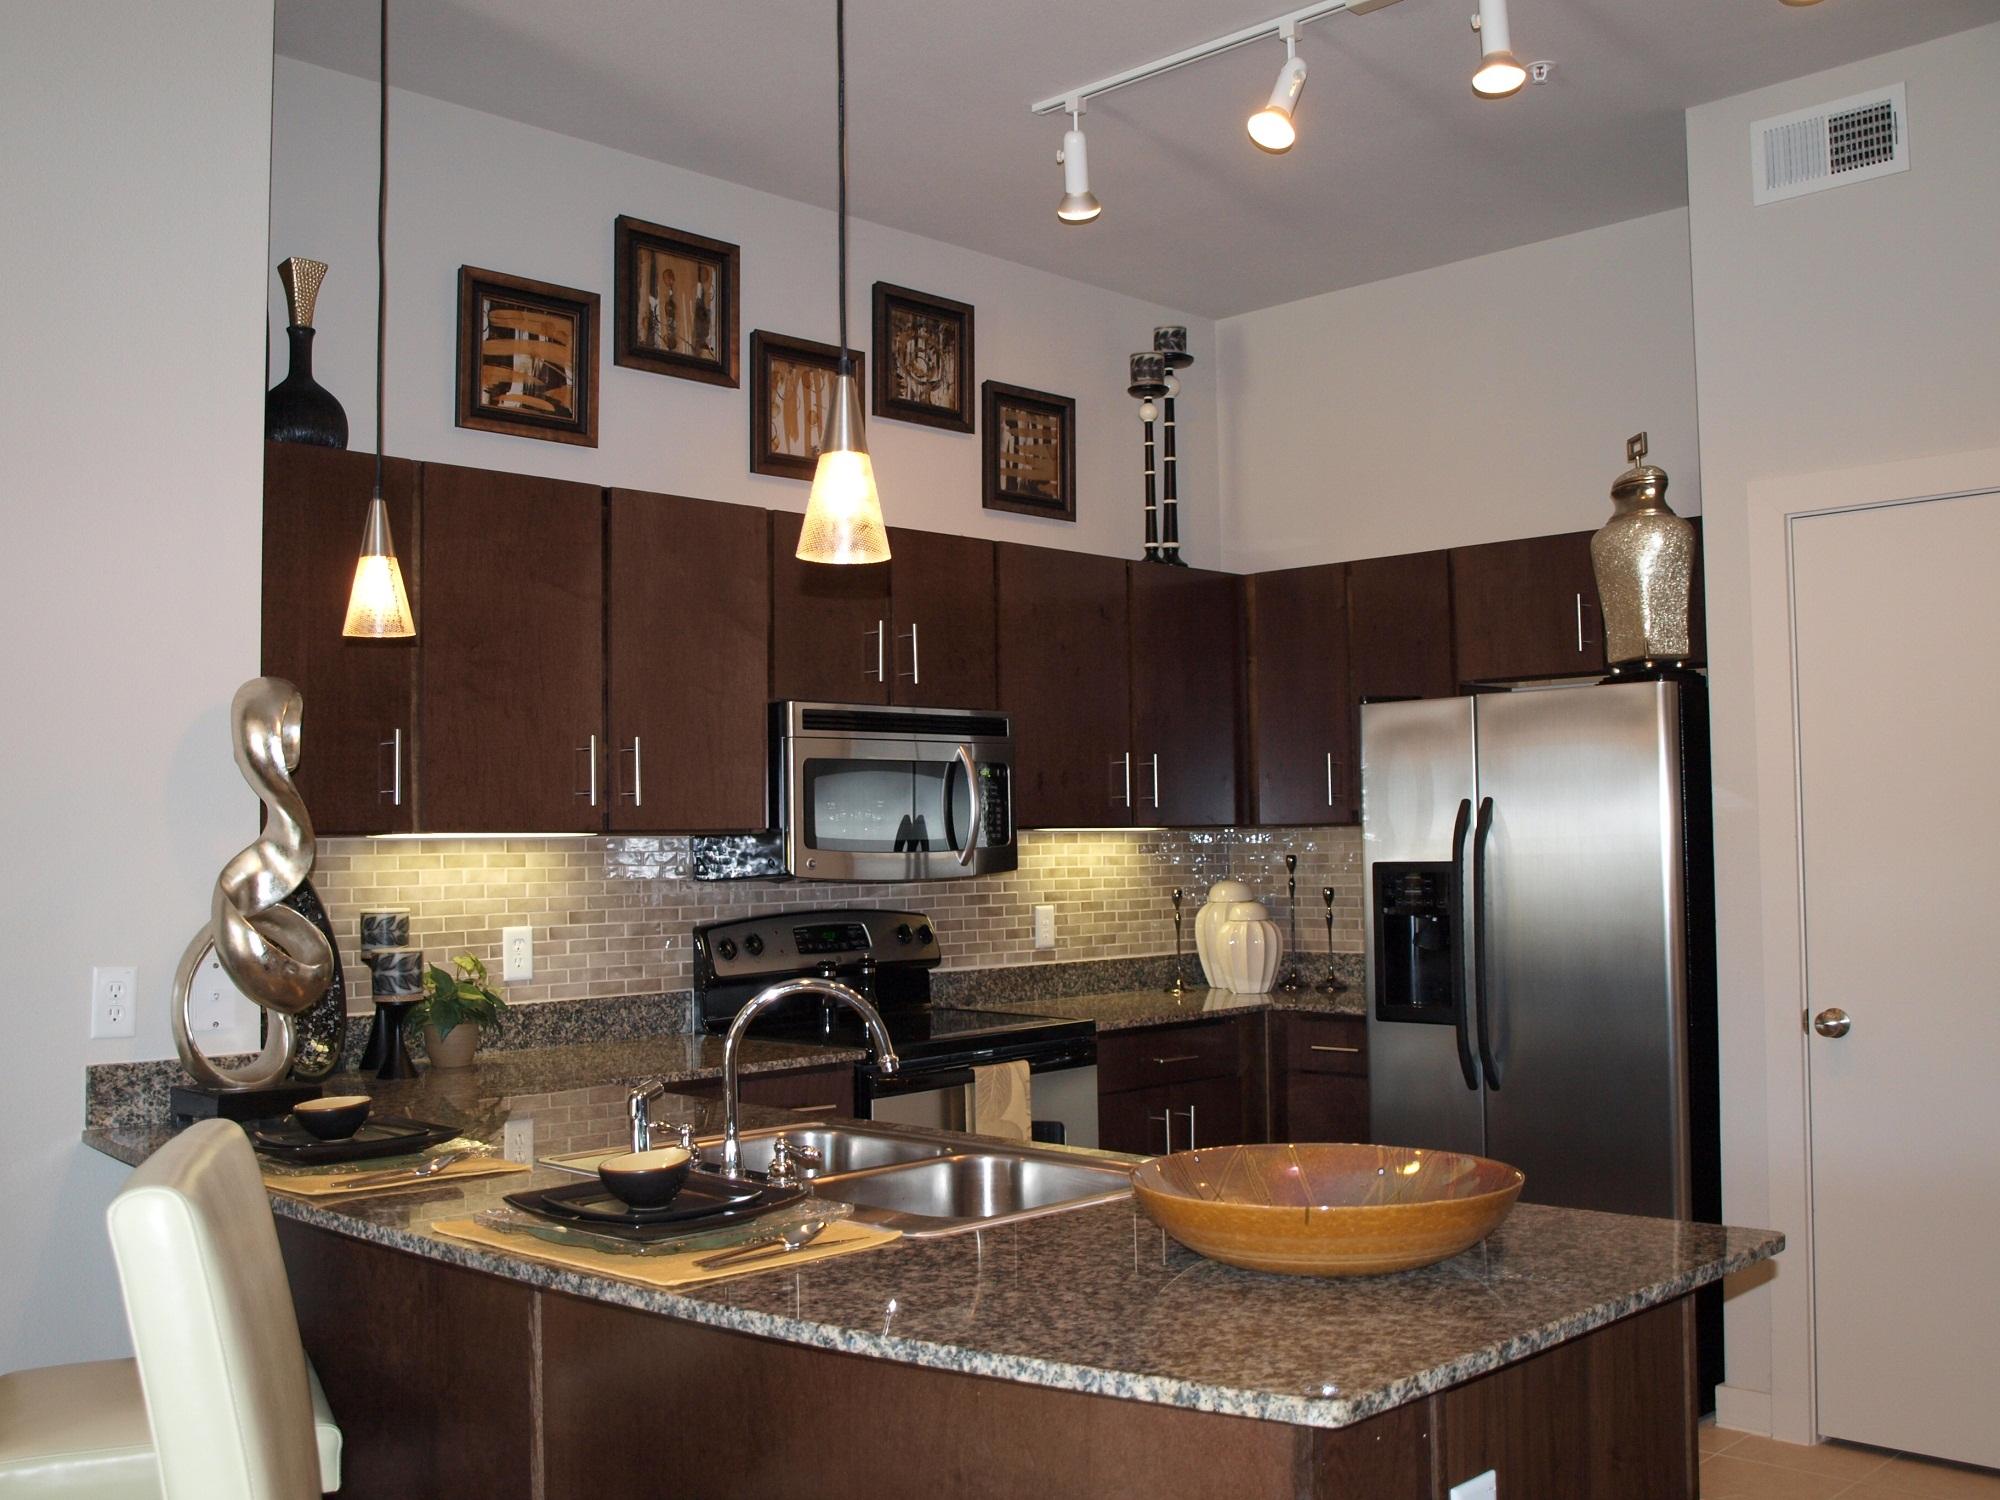 Apartment Design (Image 1 of 10)